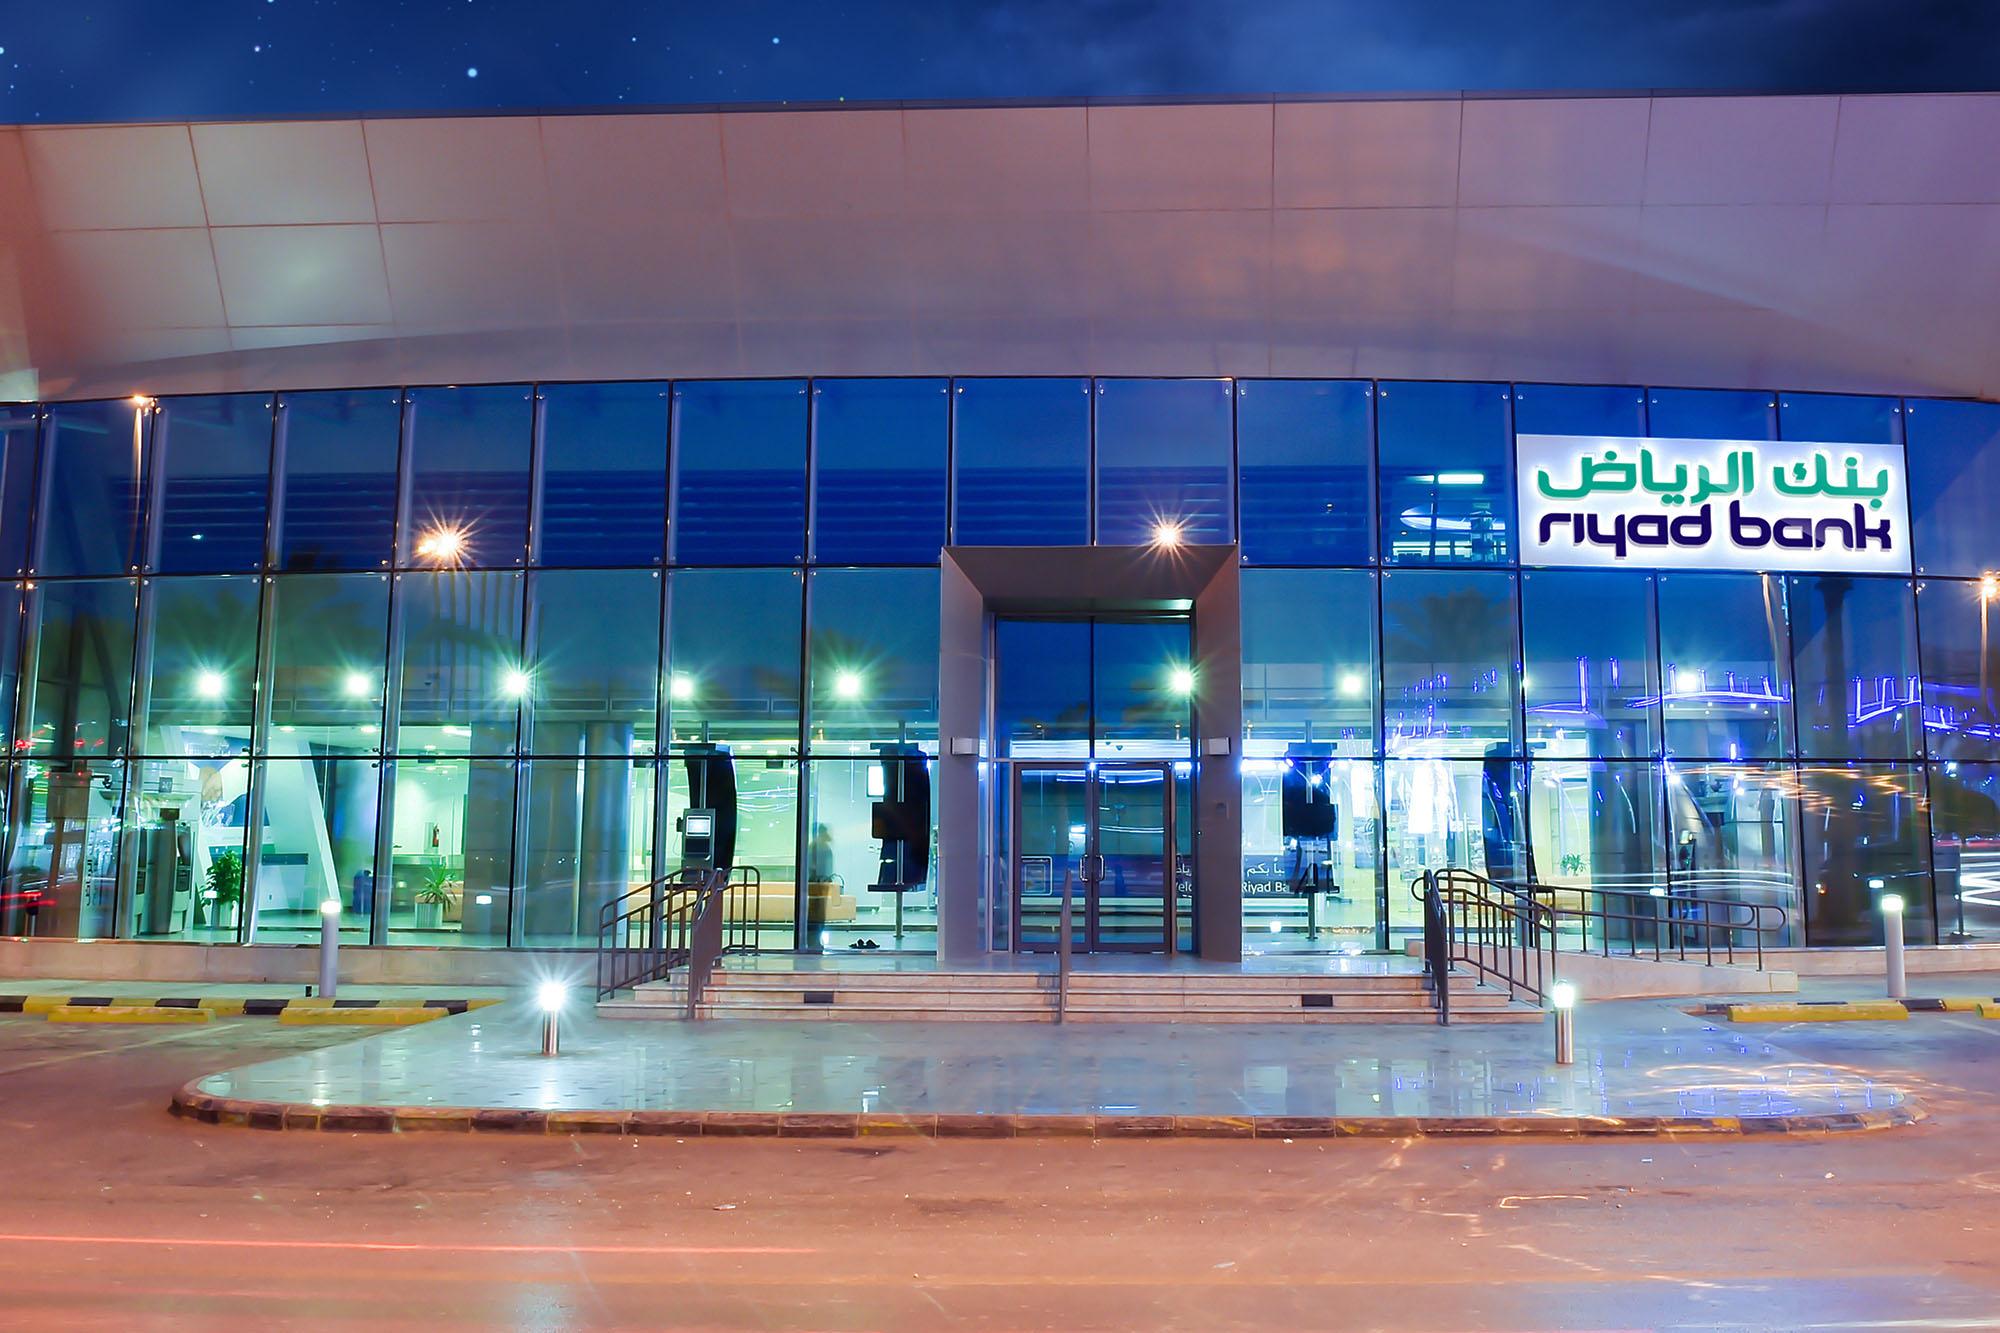 حاسبة التمويل بنك الرياض